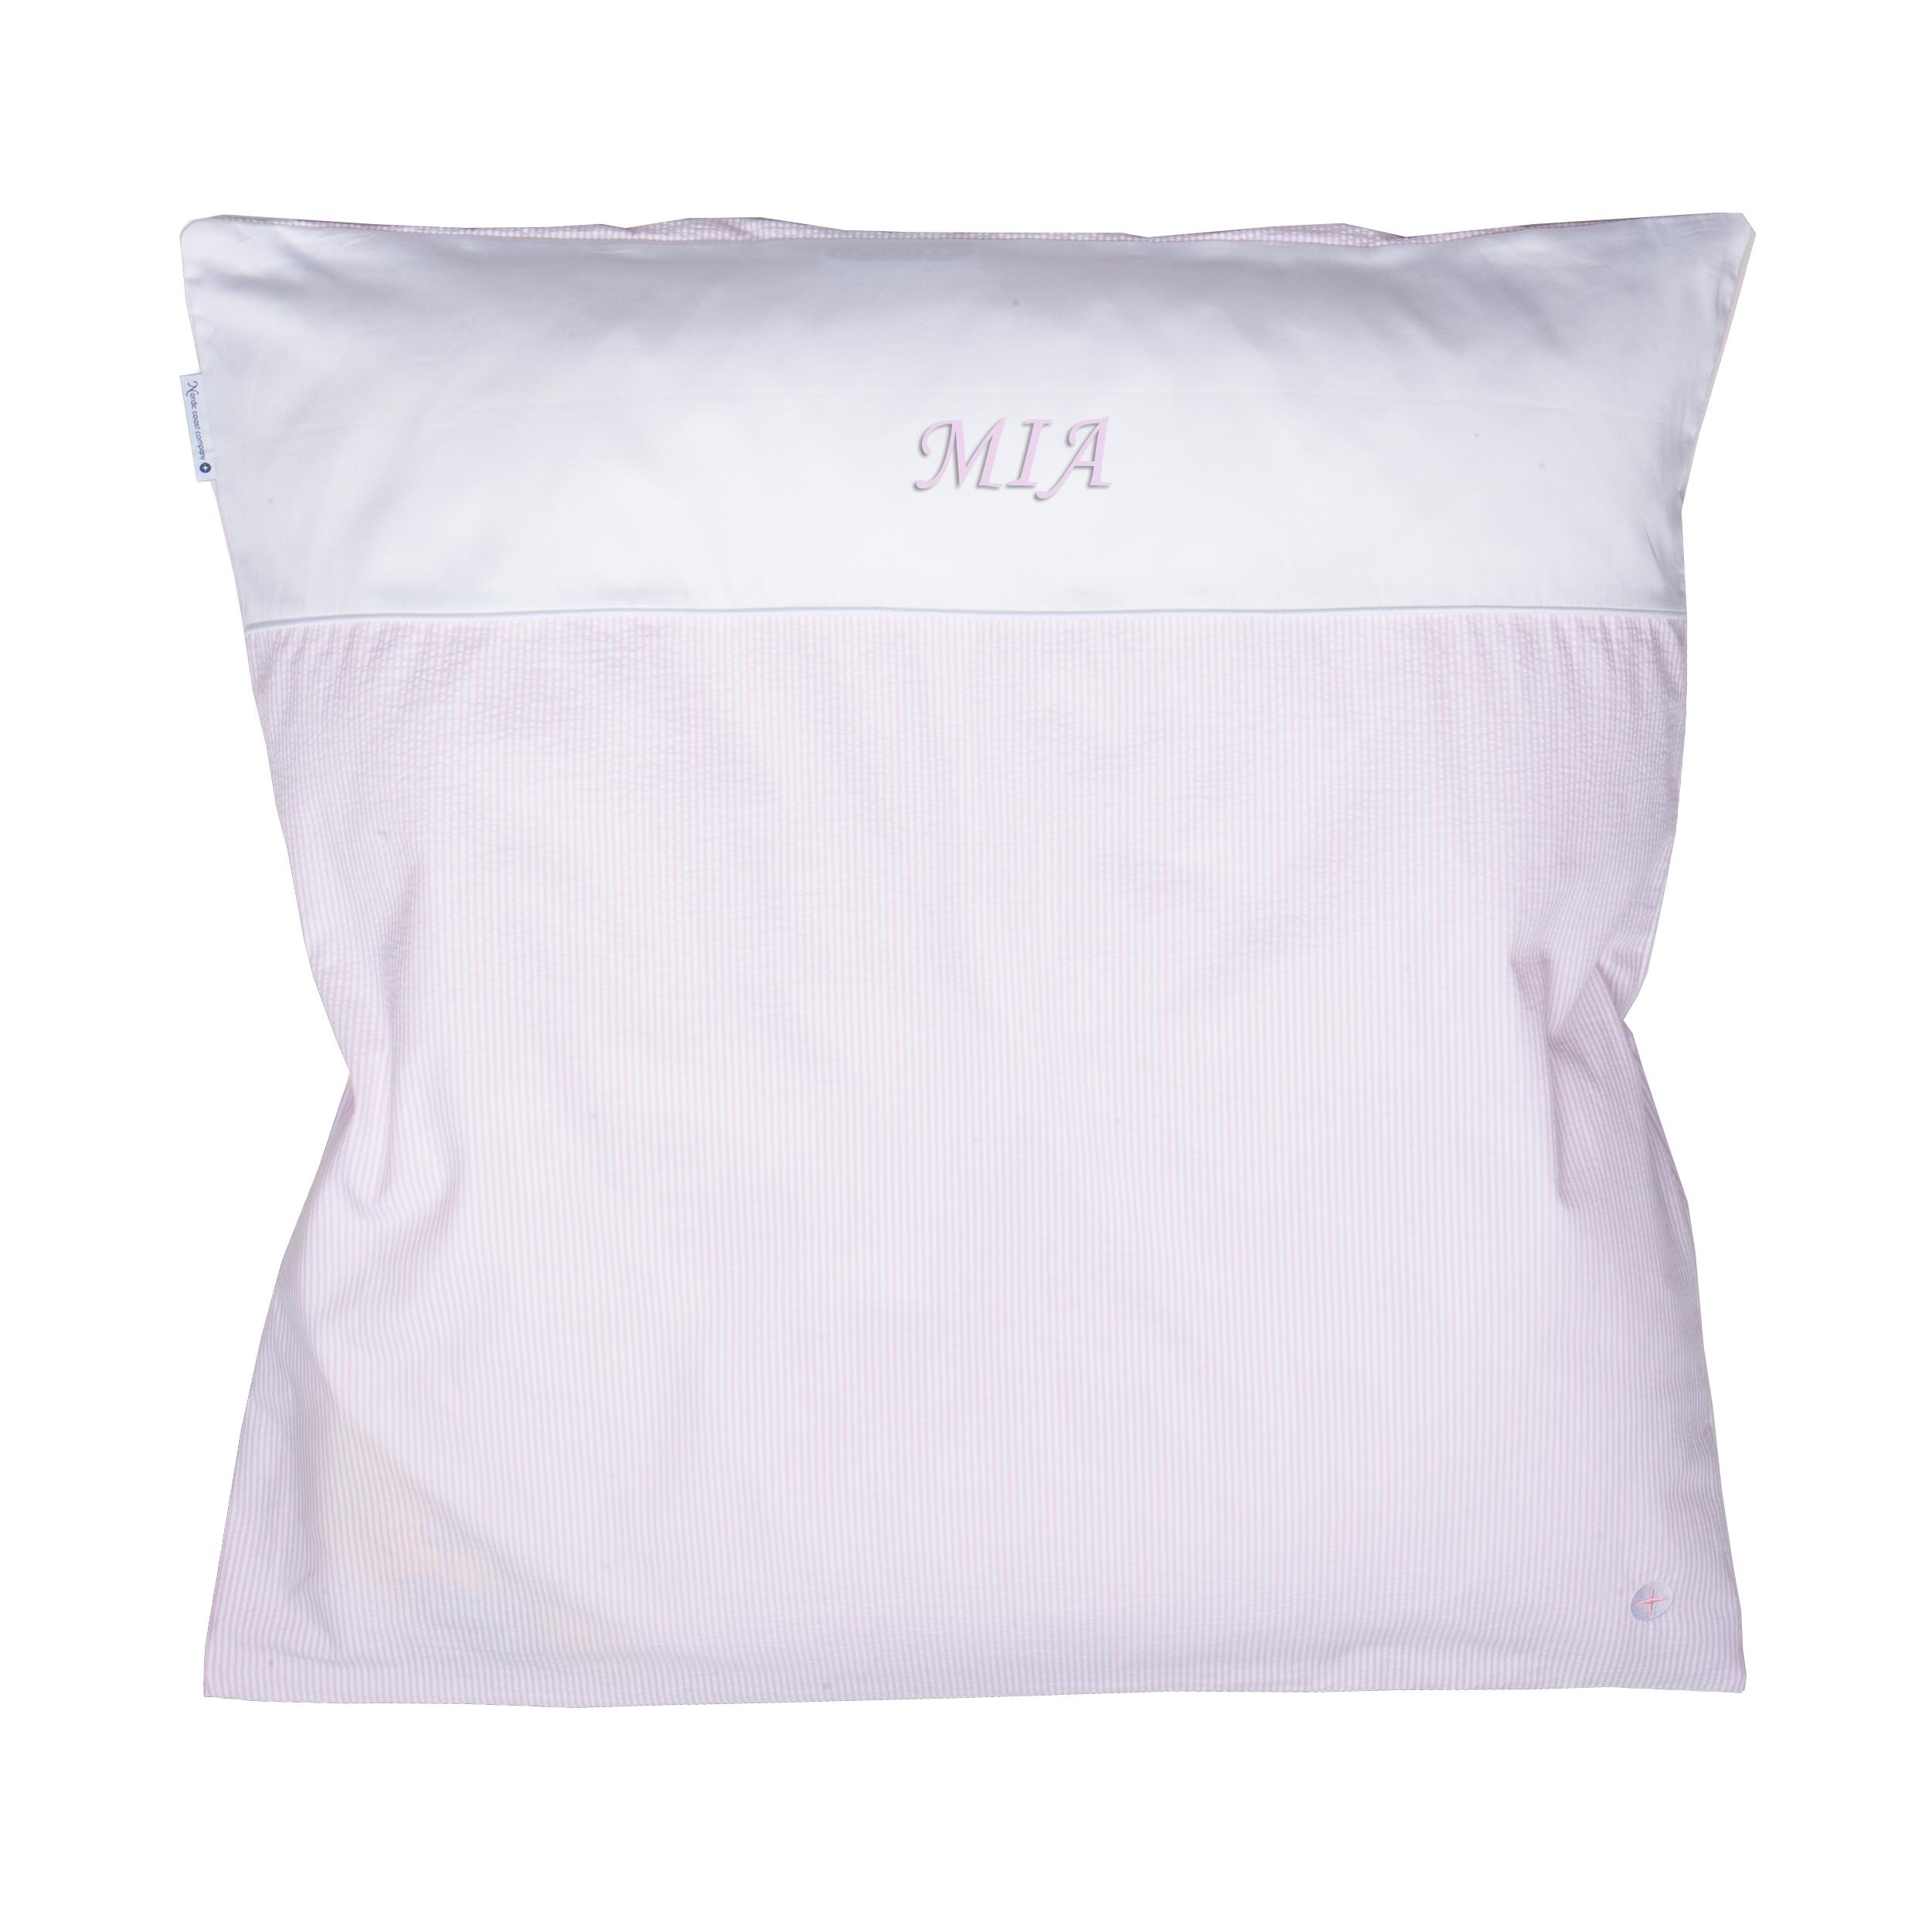 Maedchen Wiegenbettchen Babybettwäsche Baumwolle Rosa Weiß Gestreift